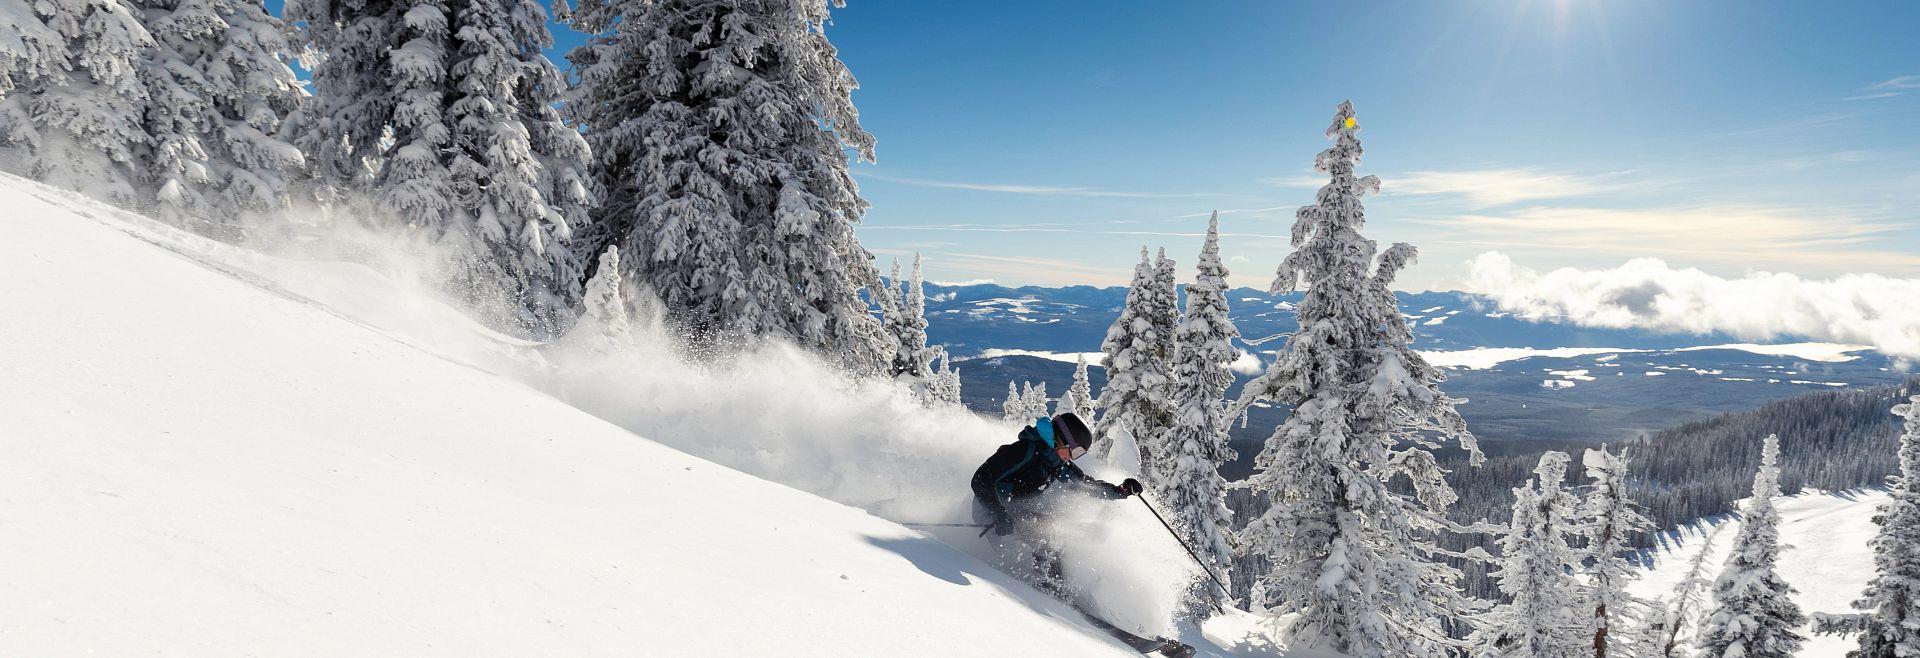 Skier on Sun Valley